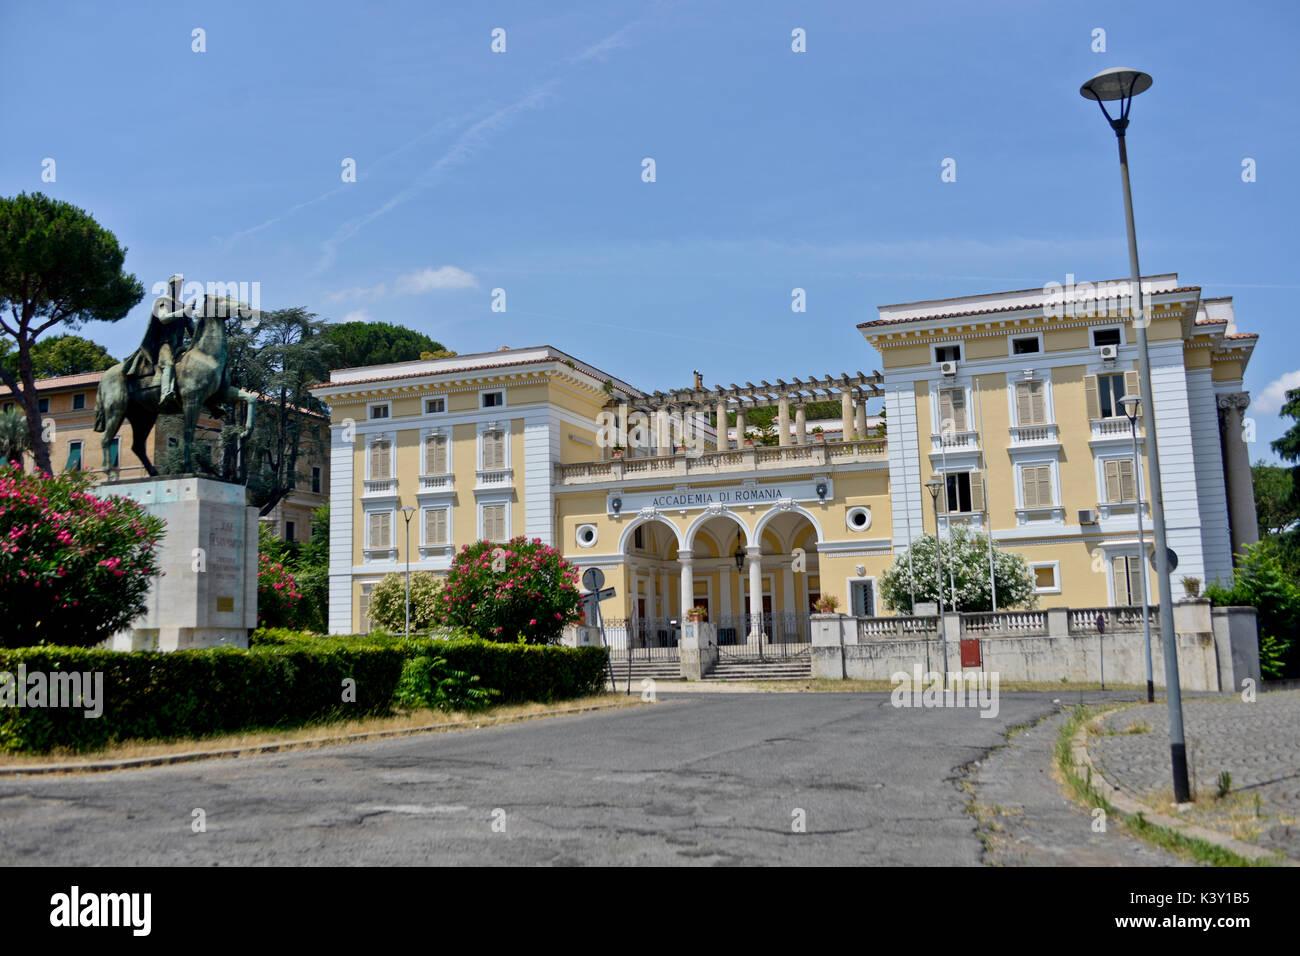 Academia di Romania, Piazza José de San Martin, Rome - Stock Image